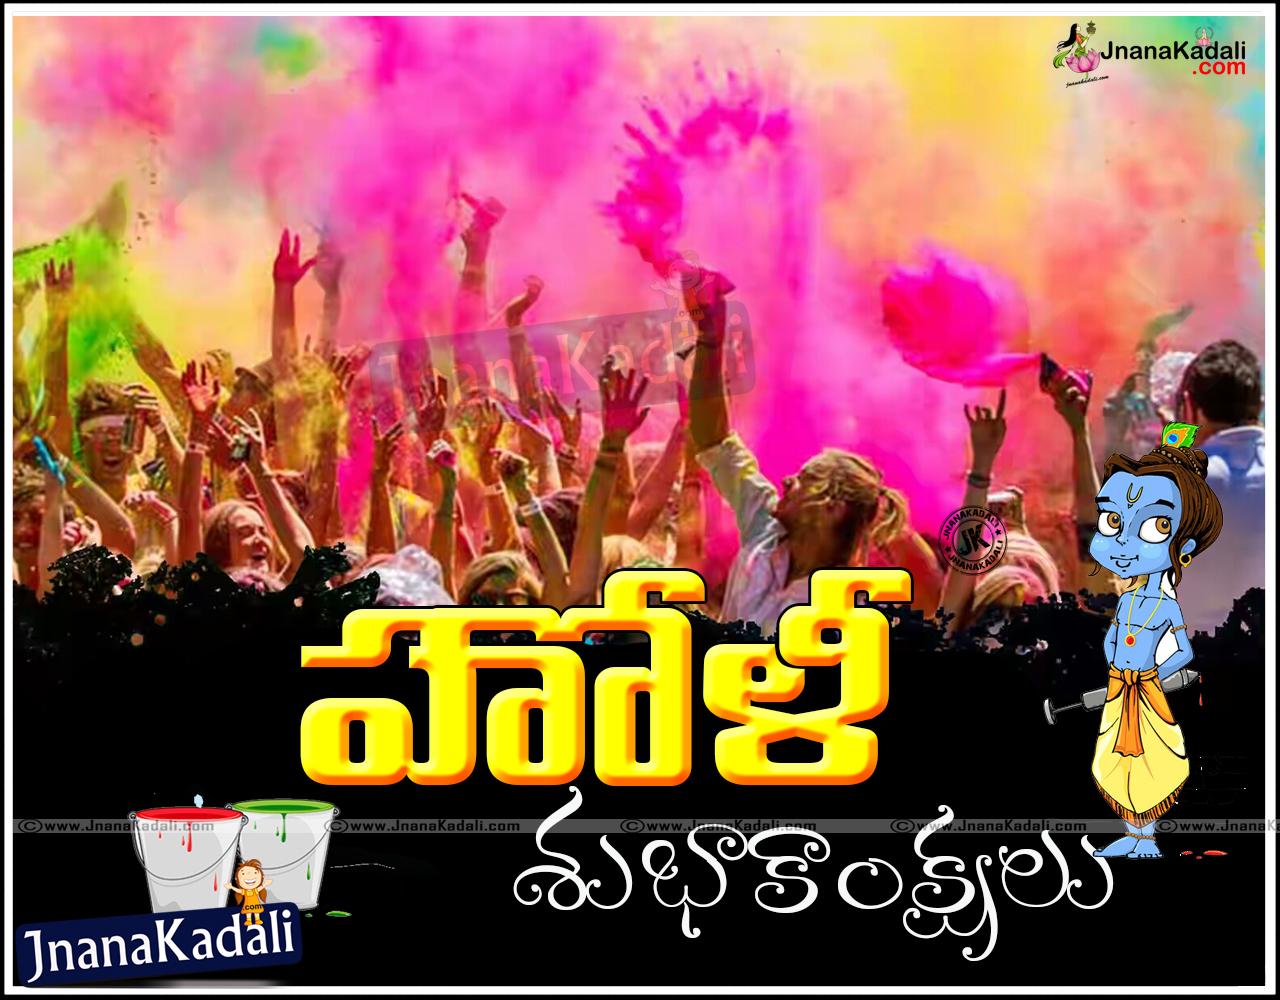 Telugu holi 2015 quotes and wishes jnana kadali telugu quotes holi festival new greetings in telugu languagelatest 2015 holio telugu quotes imagesnew holi telugu quotes adda imagesnew holi telugu quotes garden m4hsunfo